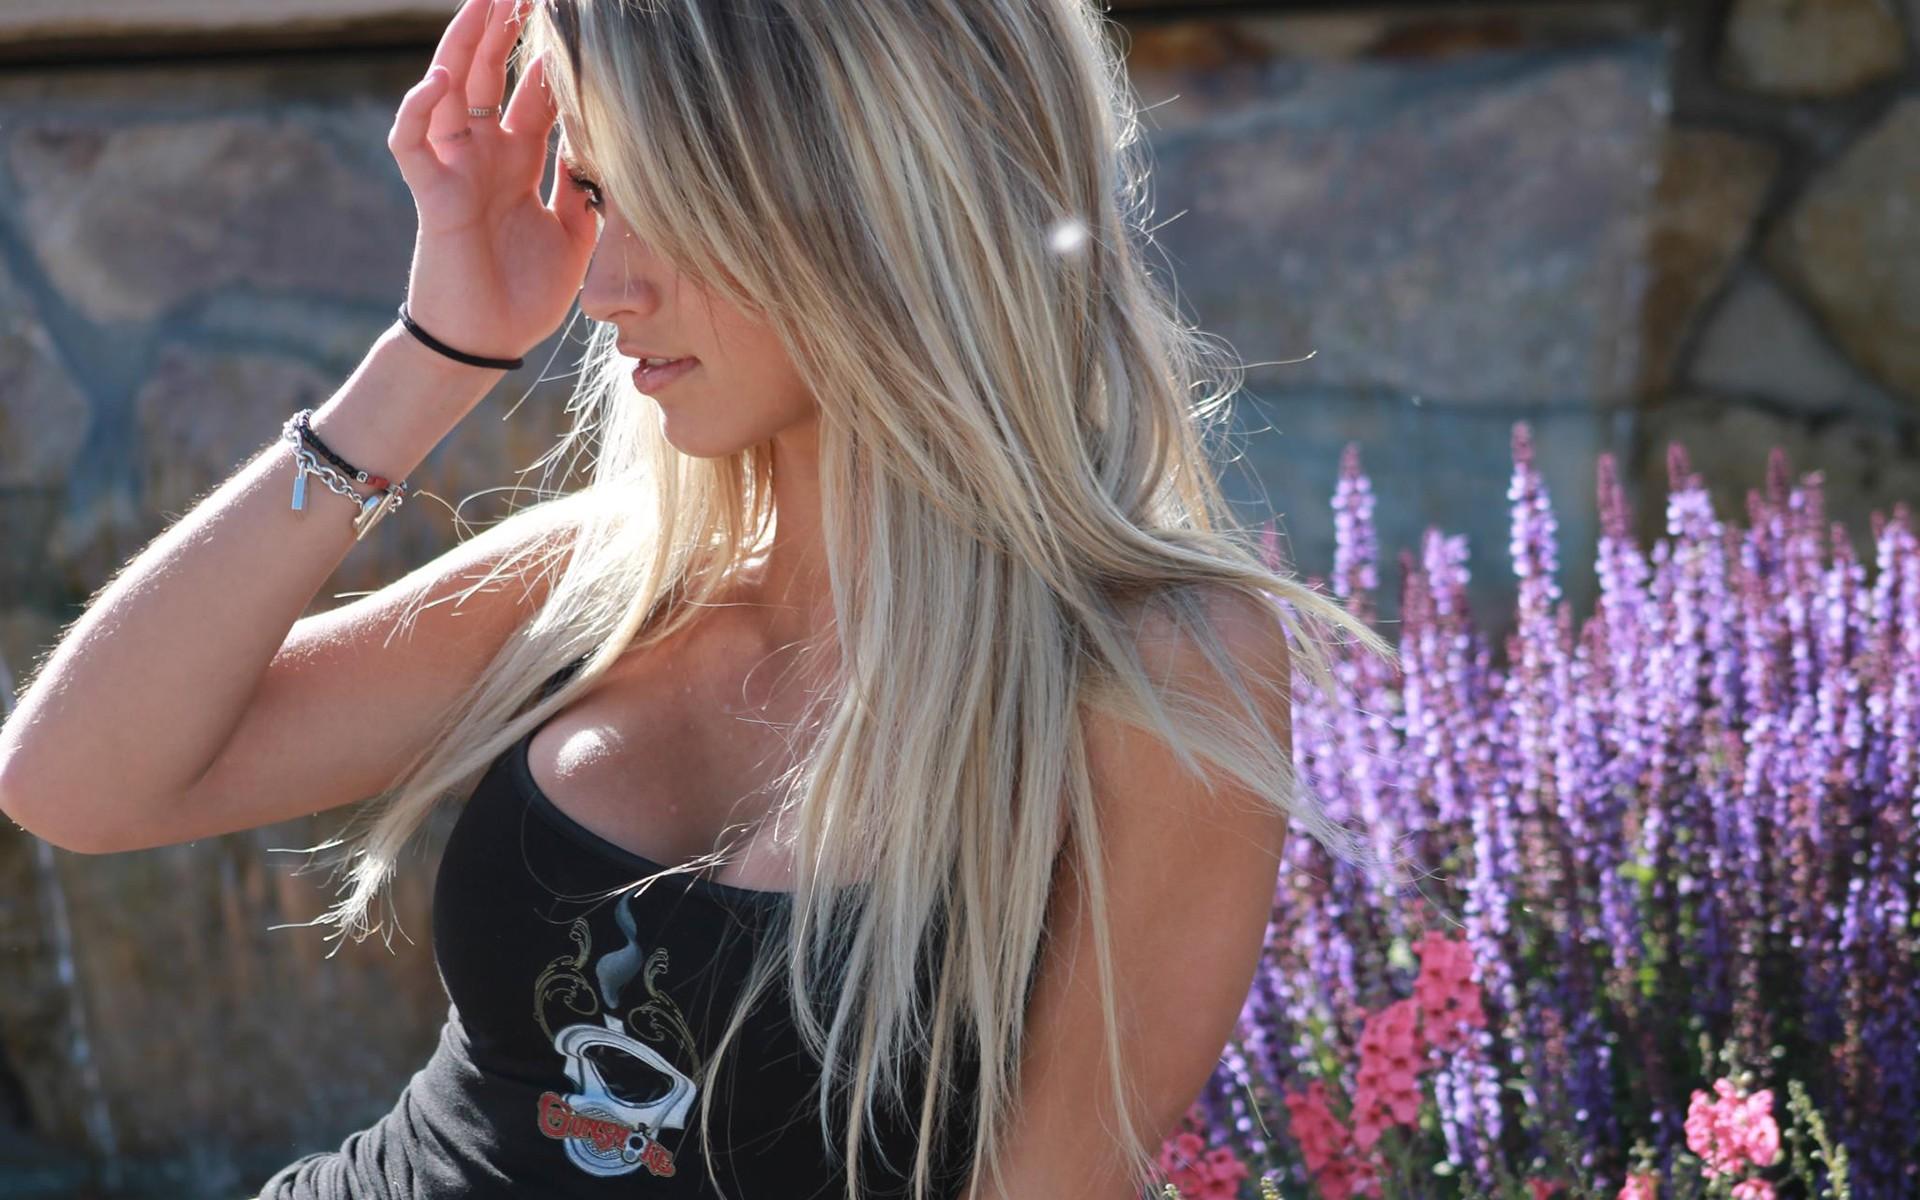 Hermosa Rubia y flores - 1920x1200